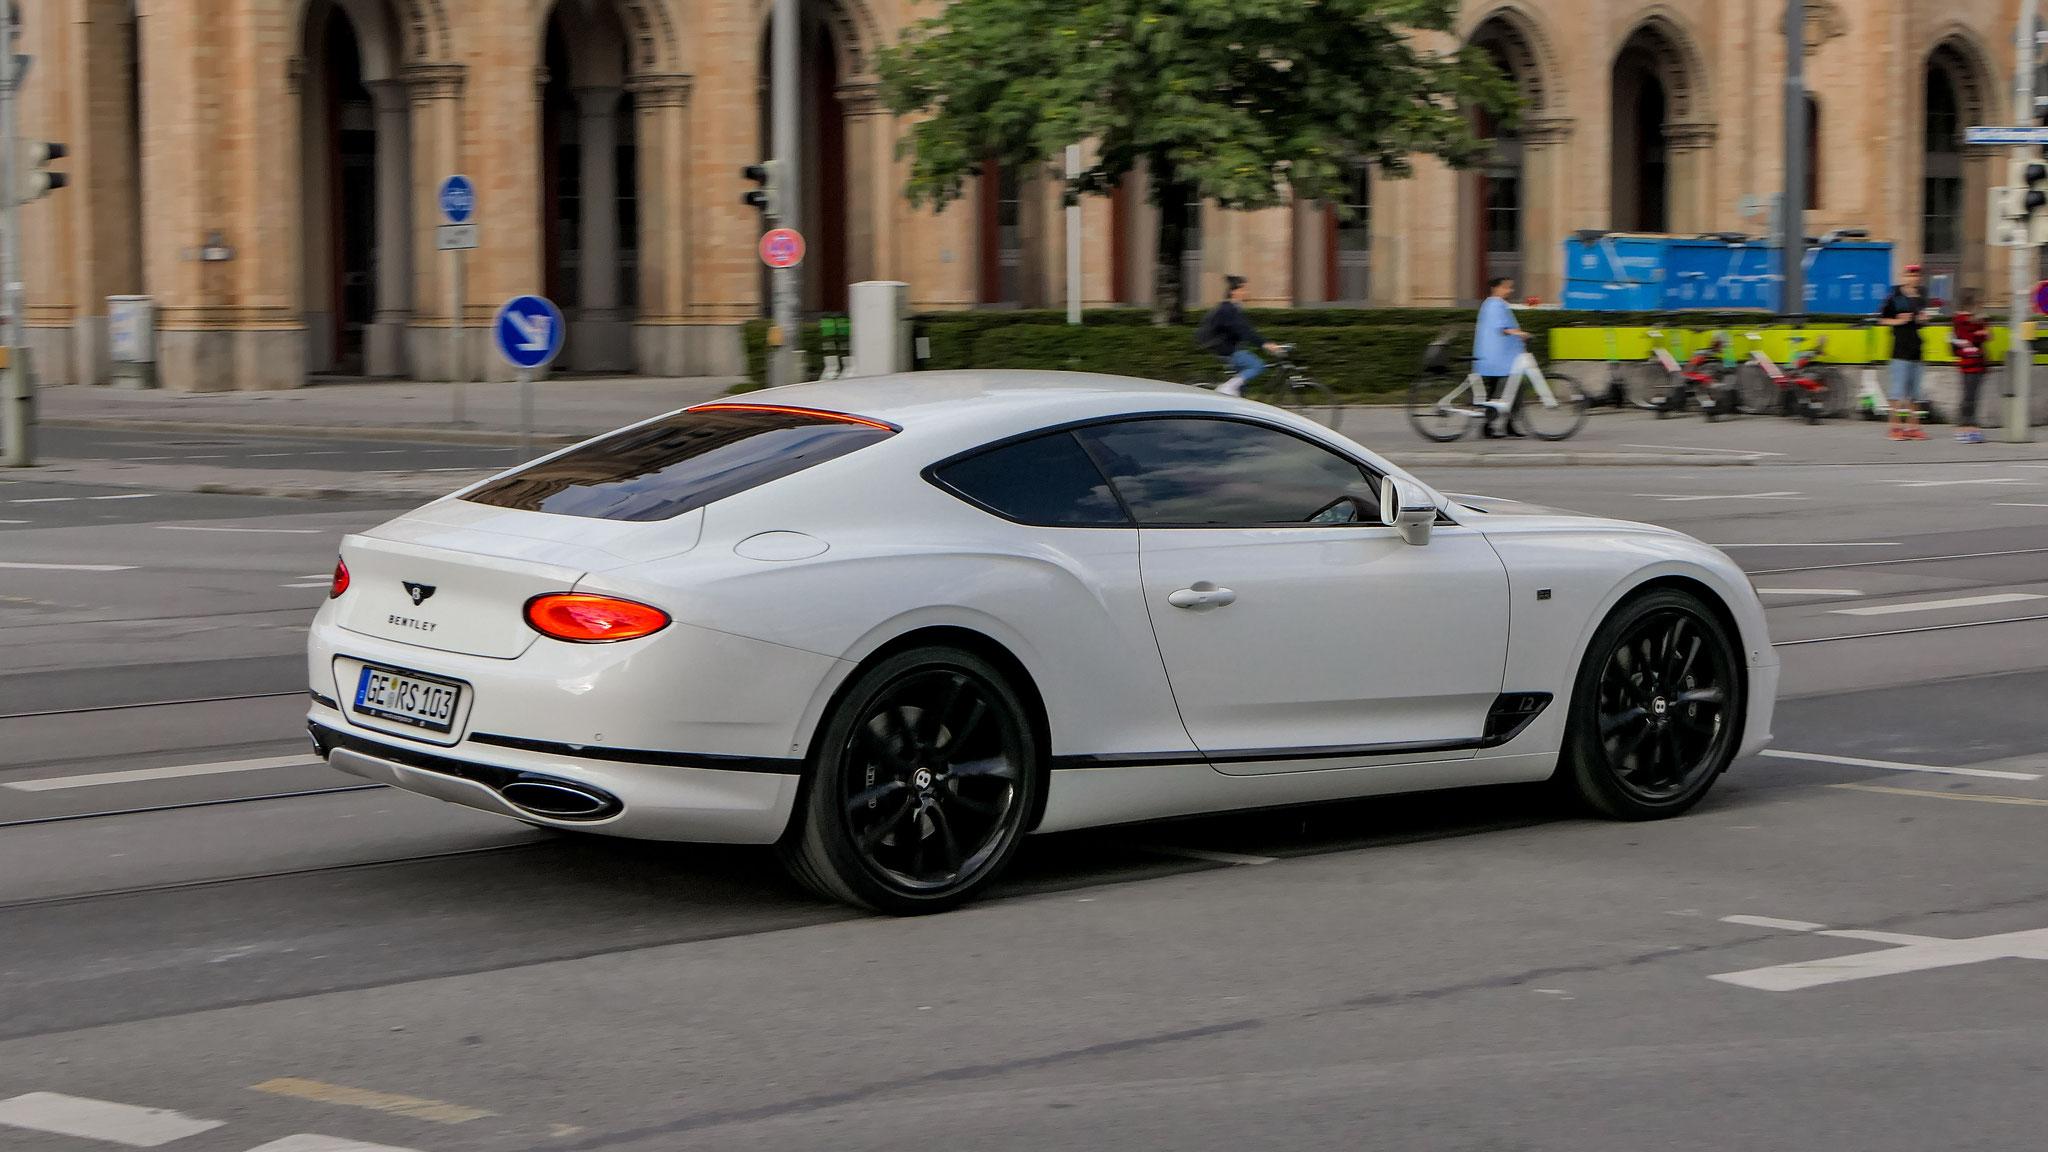 Bentley Continental GT - GE-RS-103